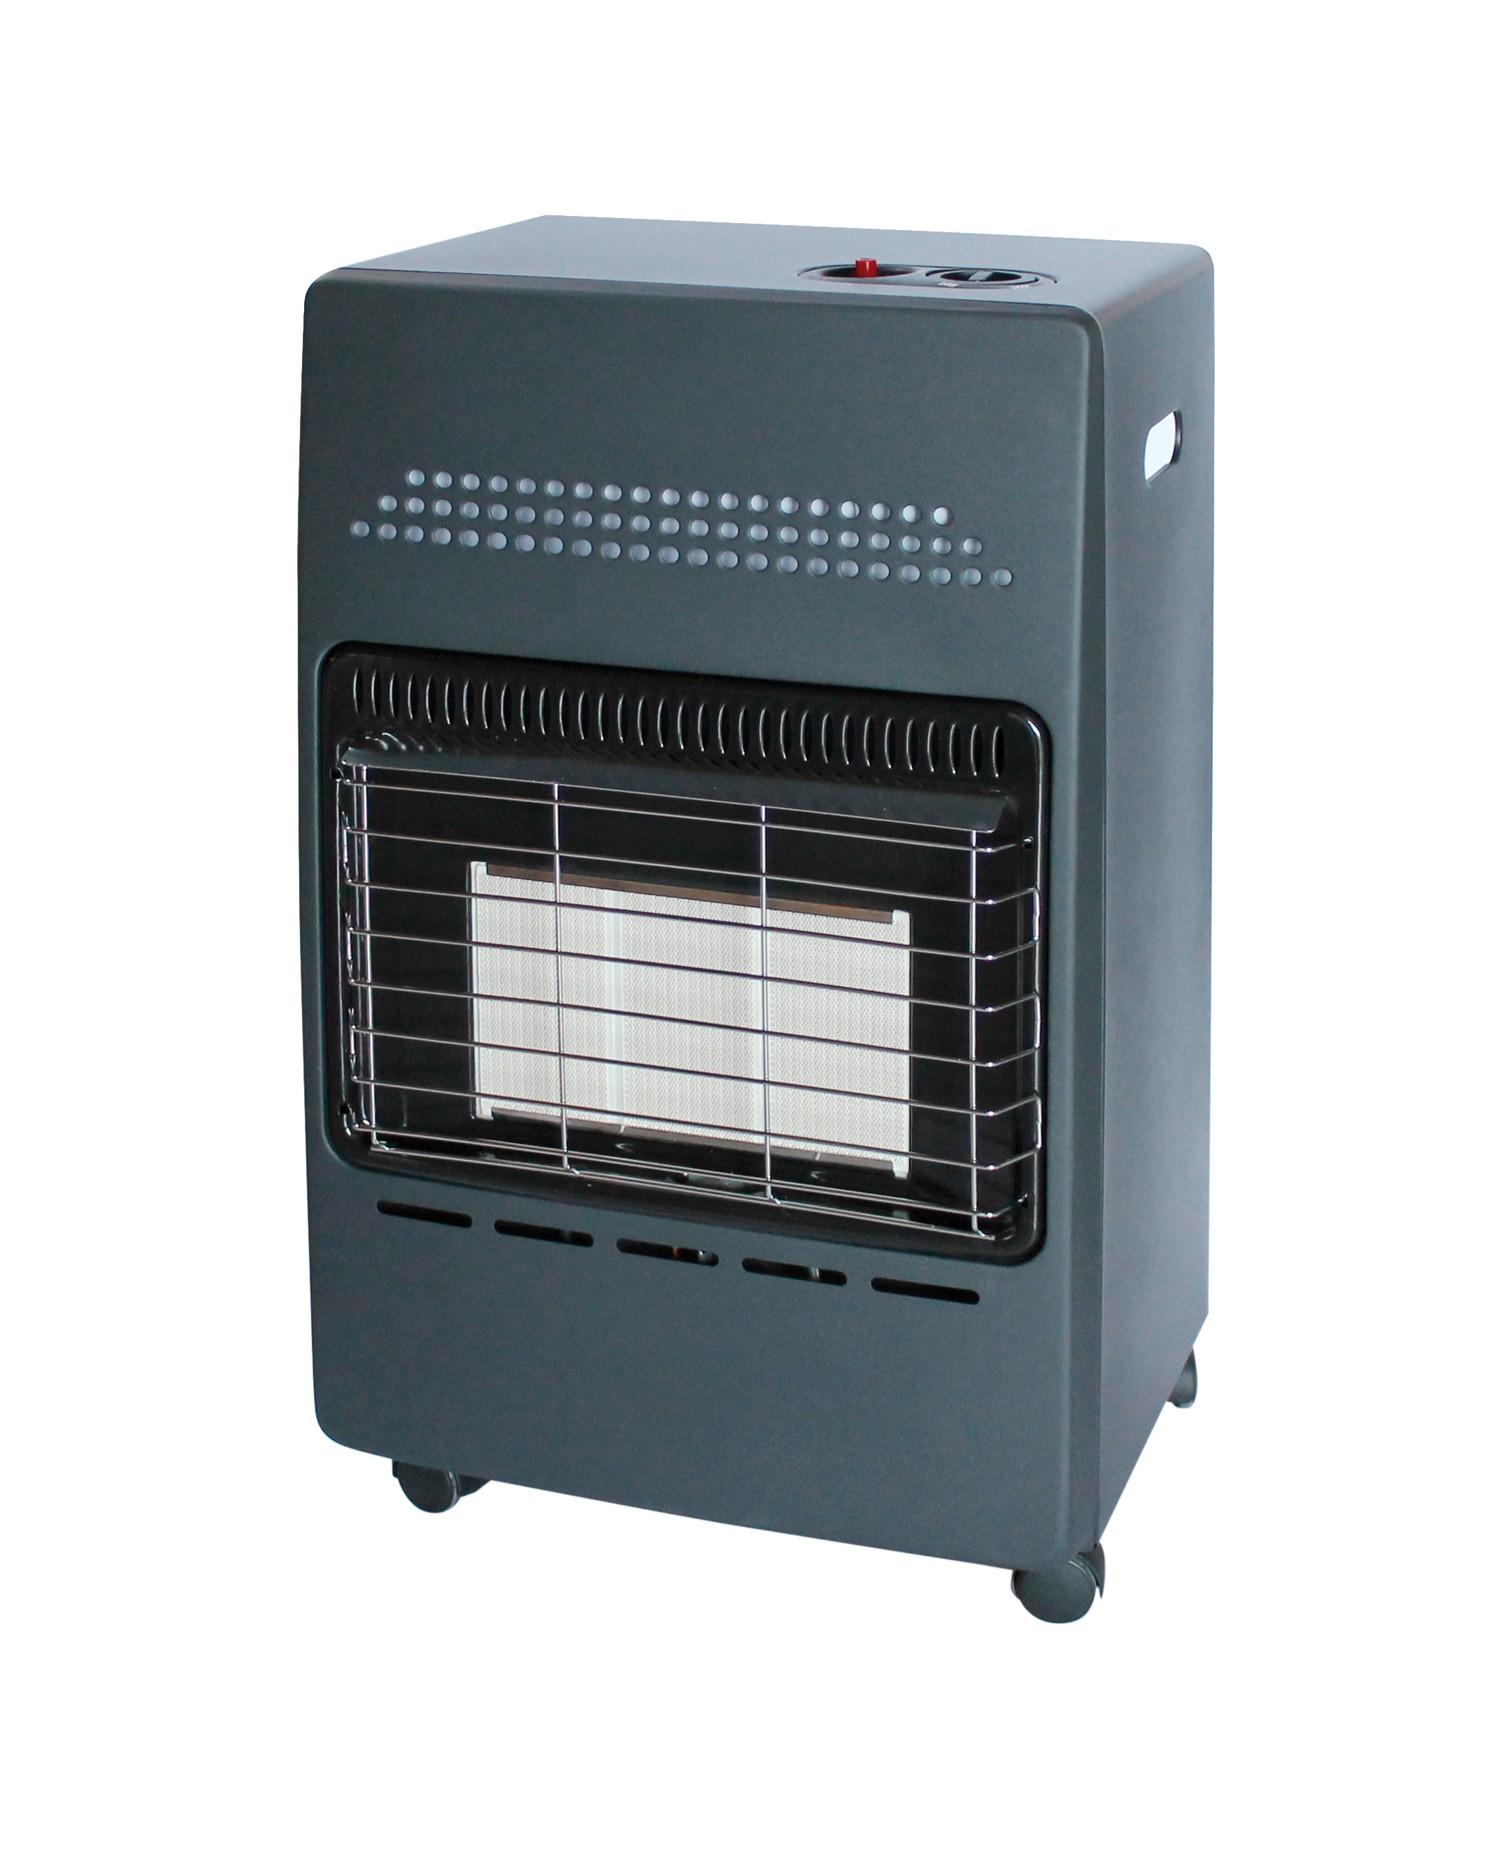 Stufa a gas ad infrarossi ardes 380 ardes offerte e - Stufa elettrica ad infrarossi ...